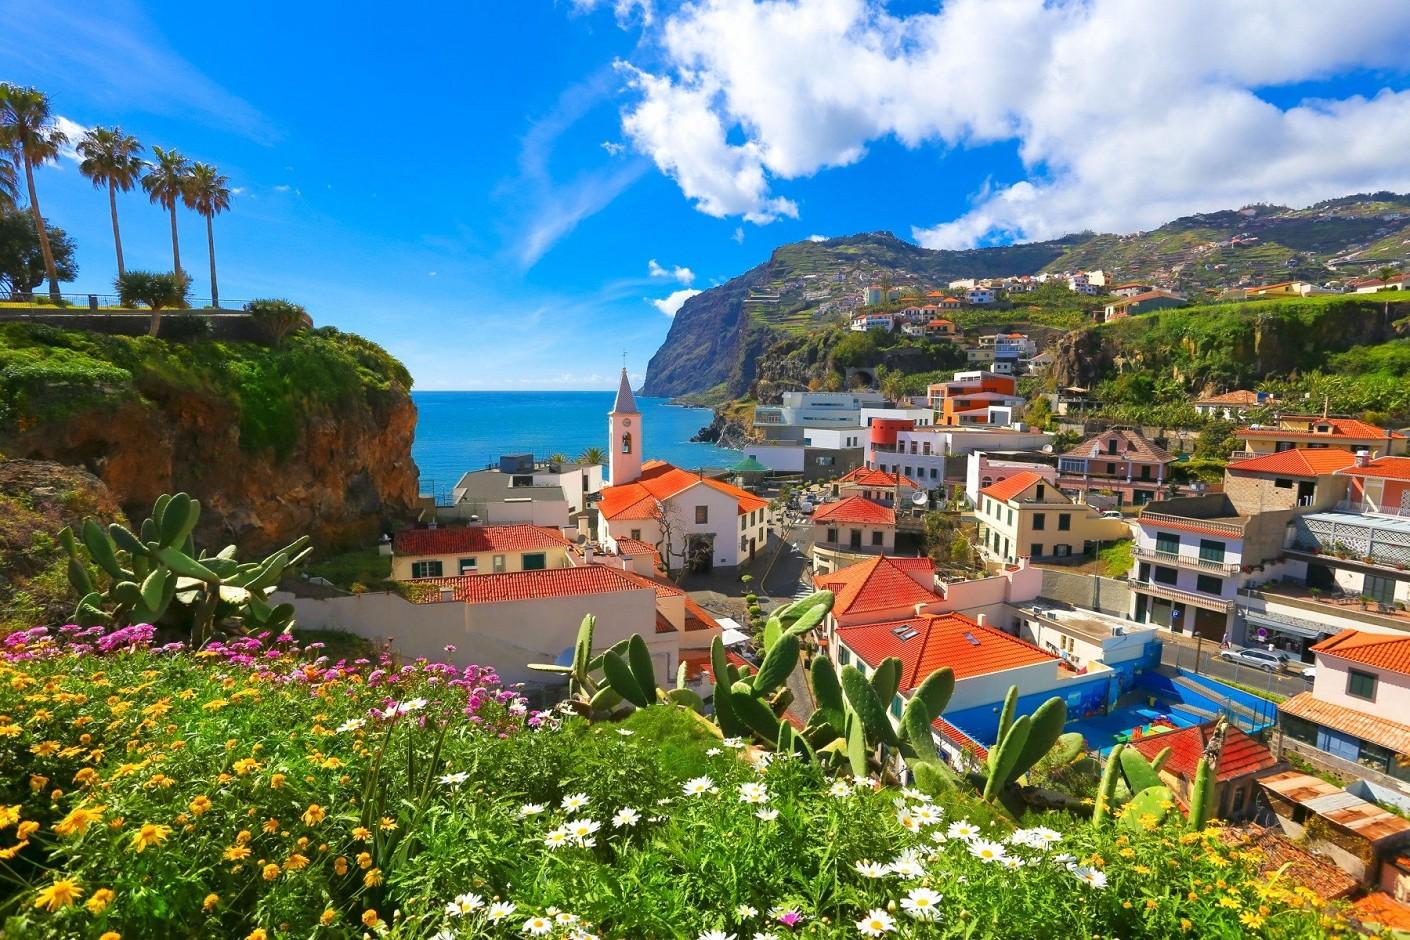 Ką verta žinoti prieš vykstant į Madeirą?